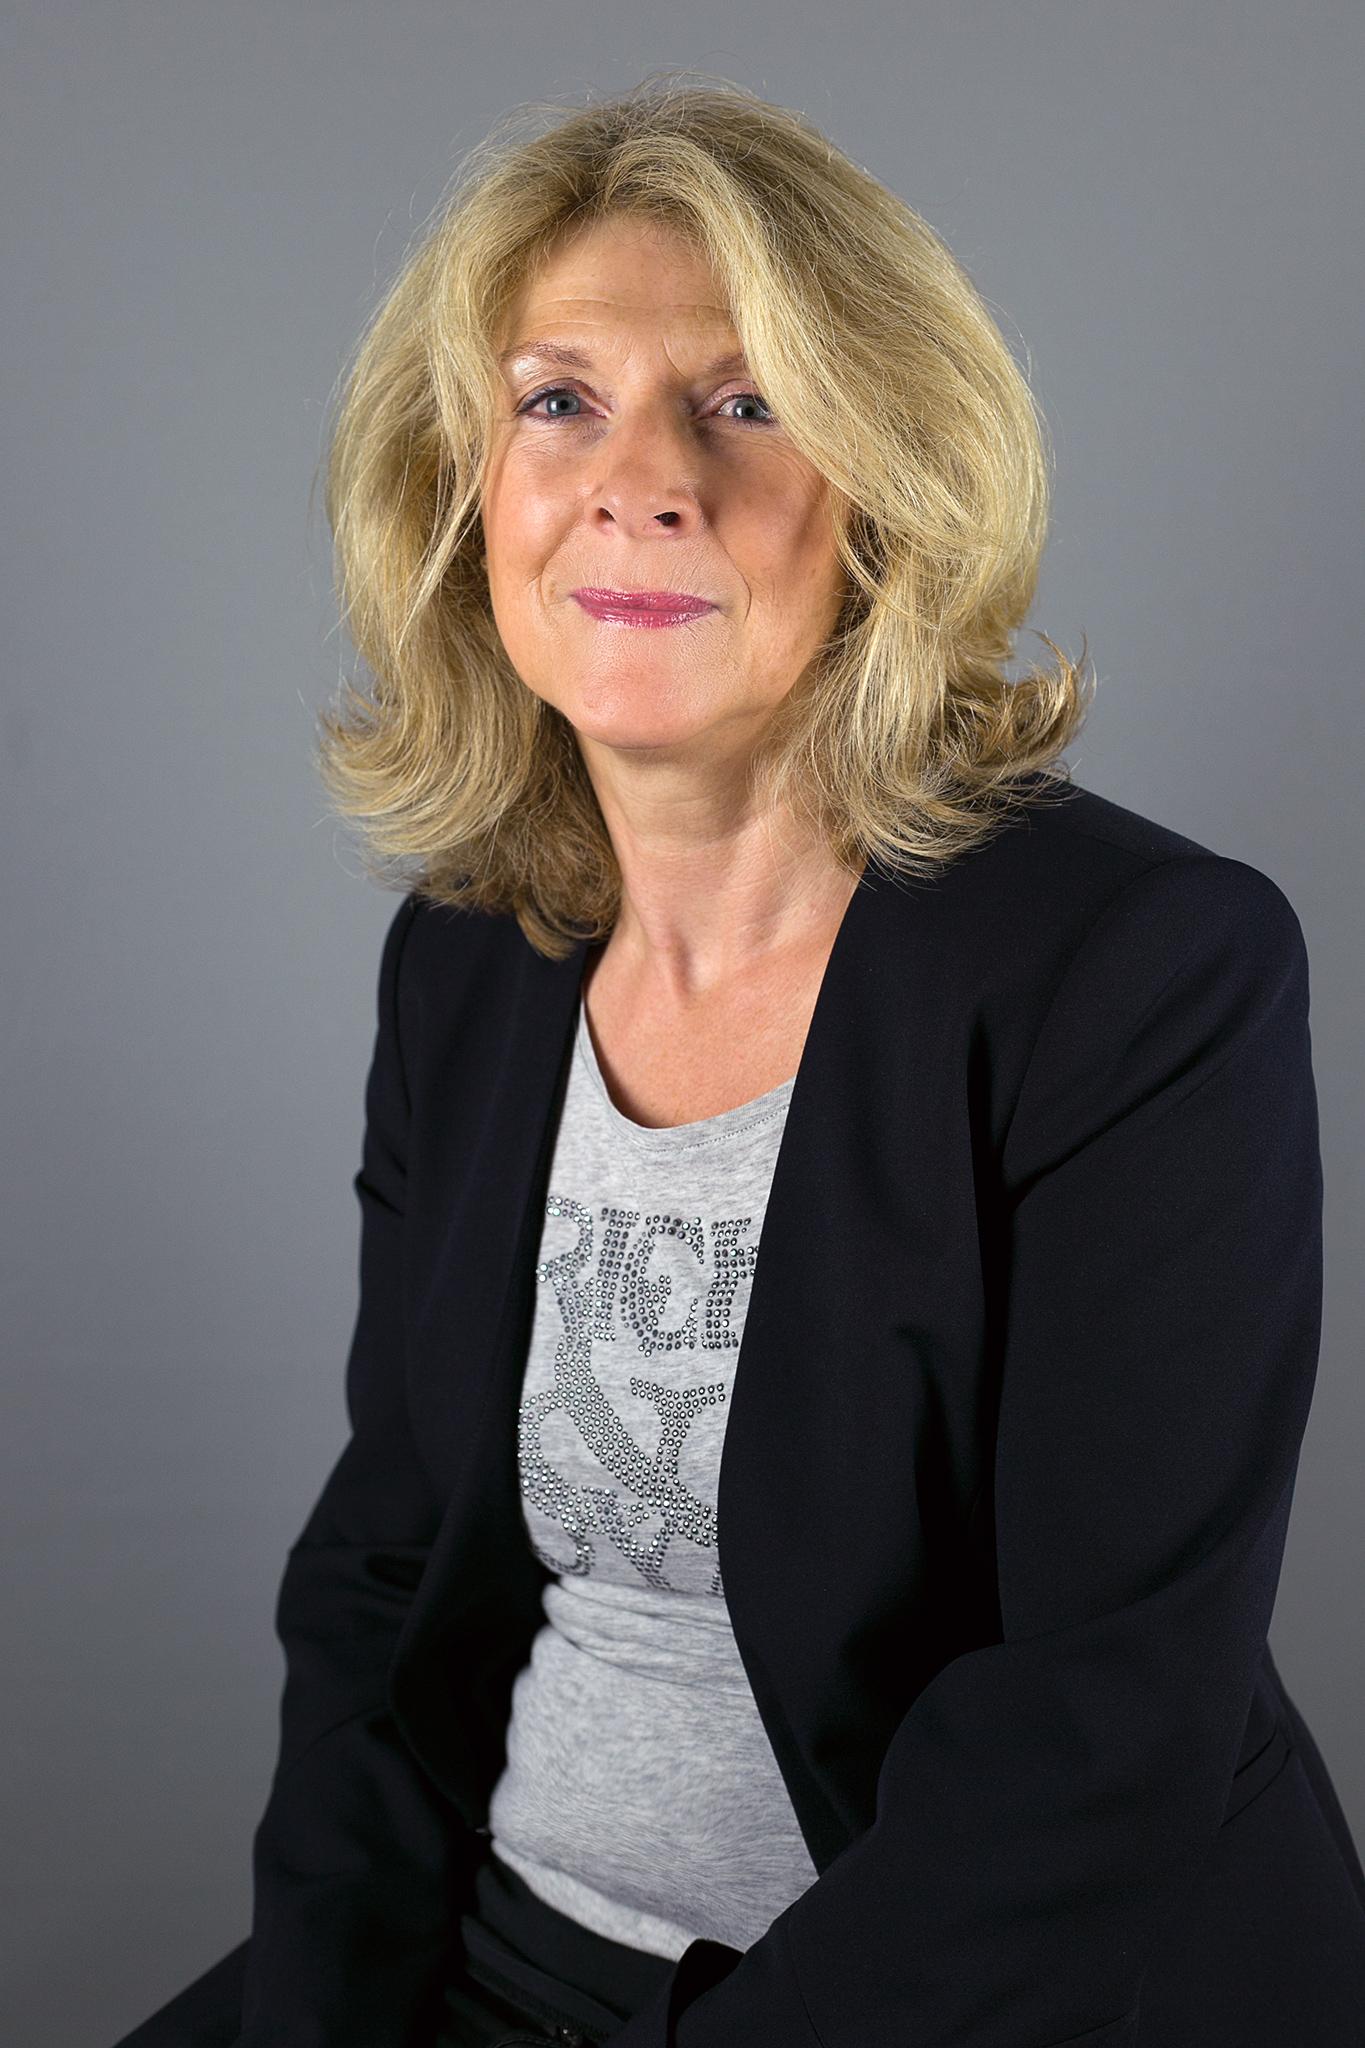 Frau Mayerhöfer-Hotz